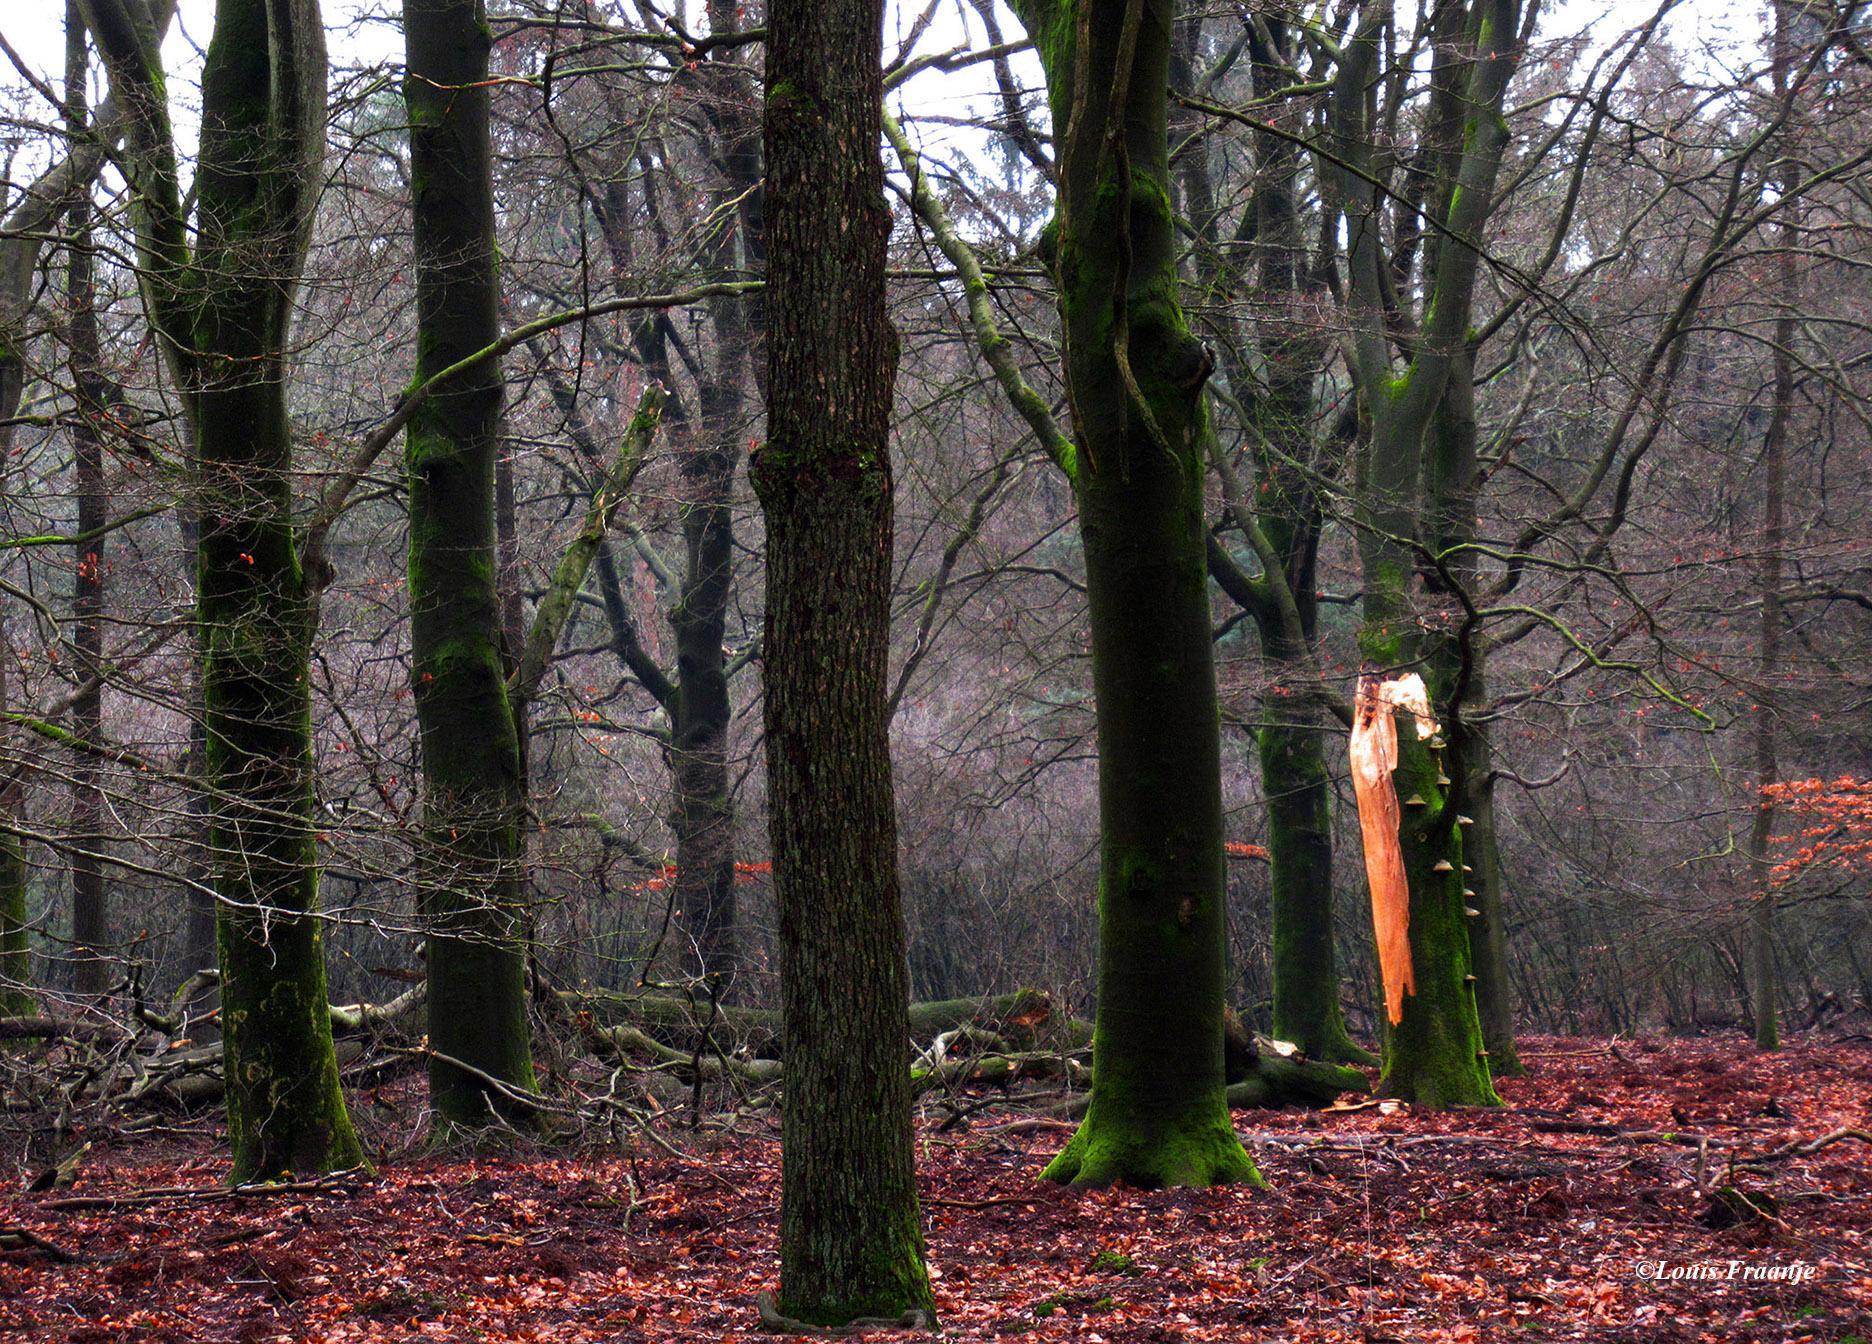 Op de voorgrond het oude bos, met daarachter het jonge bos in opkomst - Foto: ©Louis Fraanje